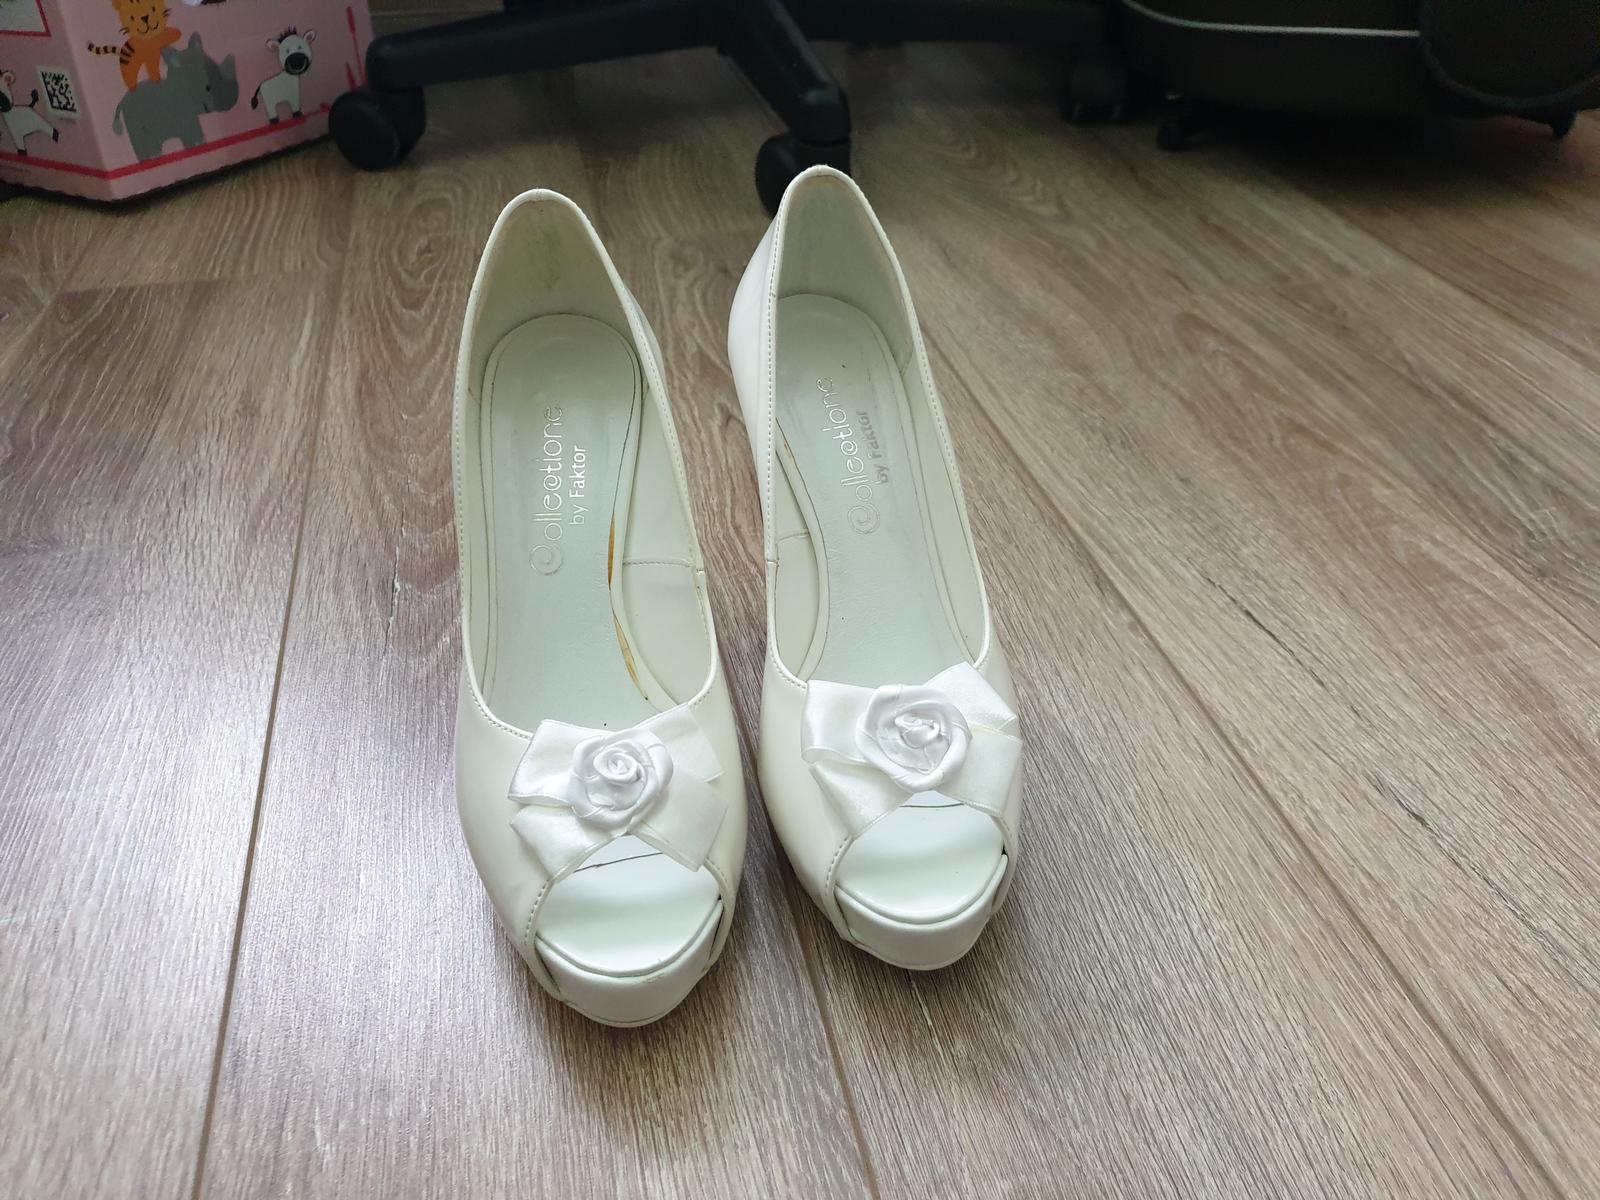 Svadobne topánky - Obrázok č. 1